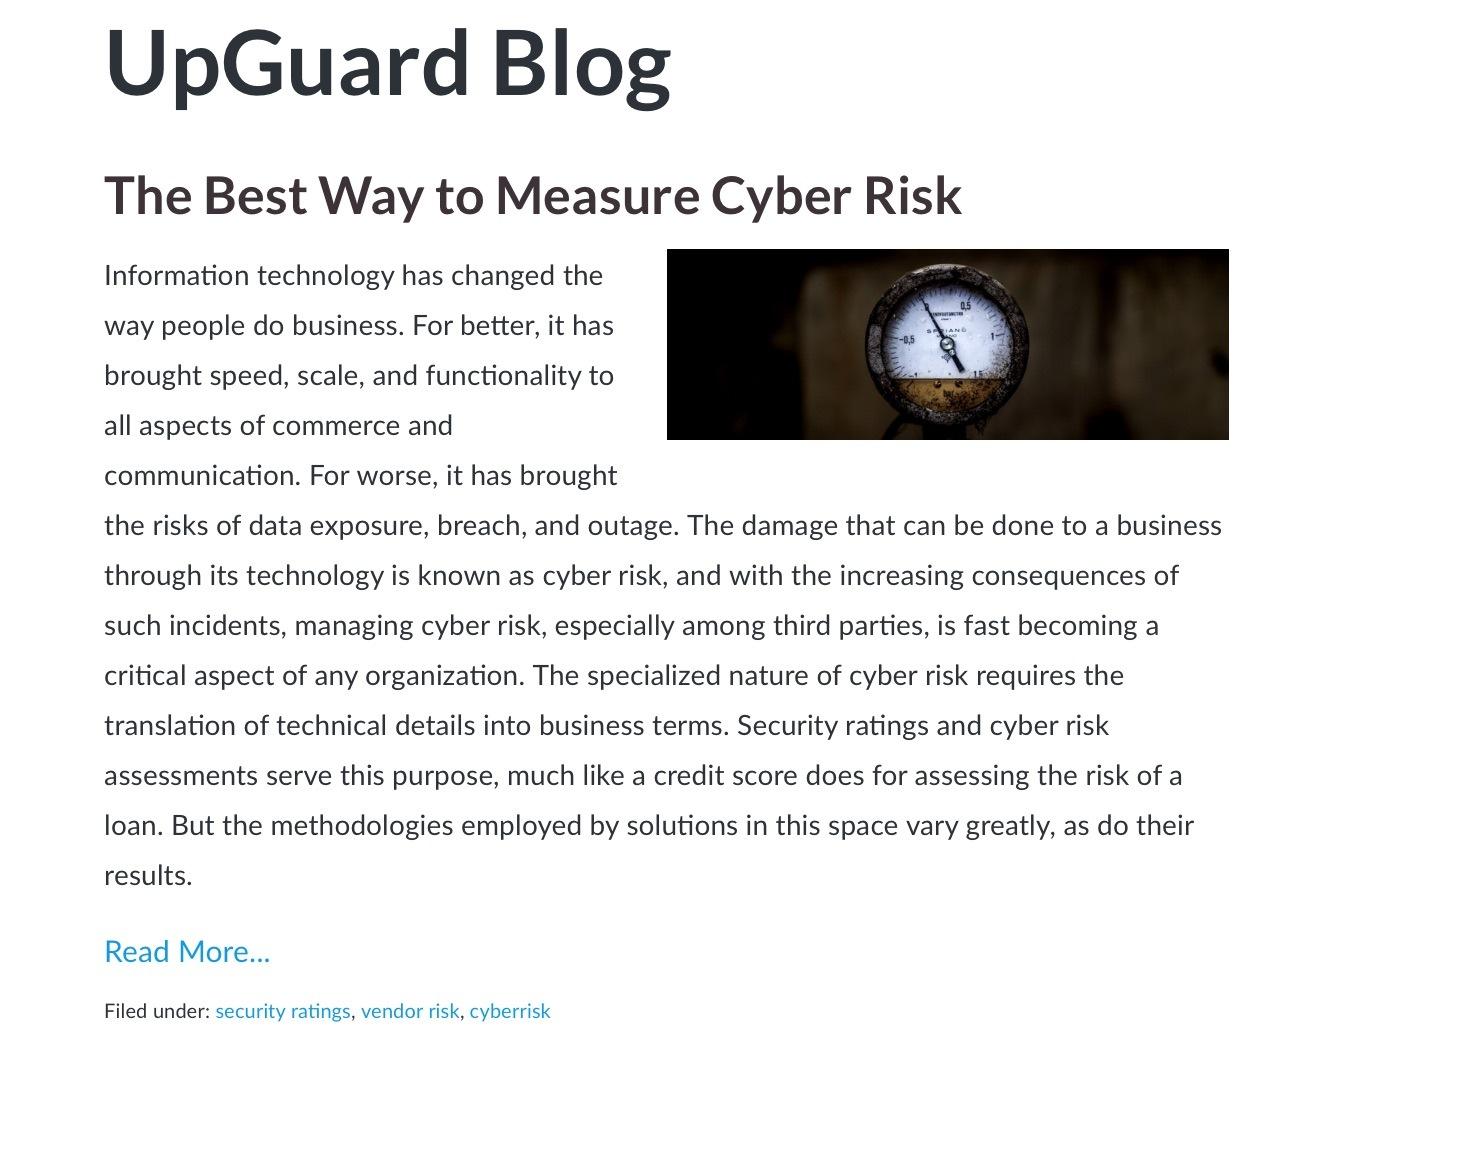 upguard blog